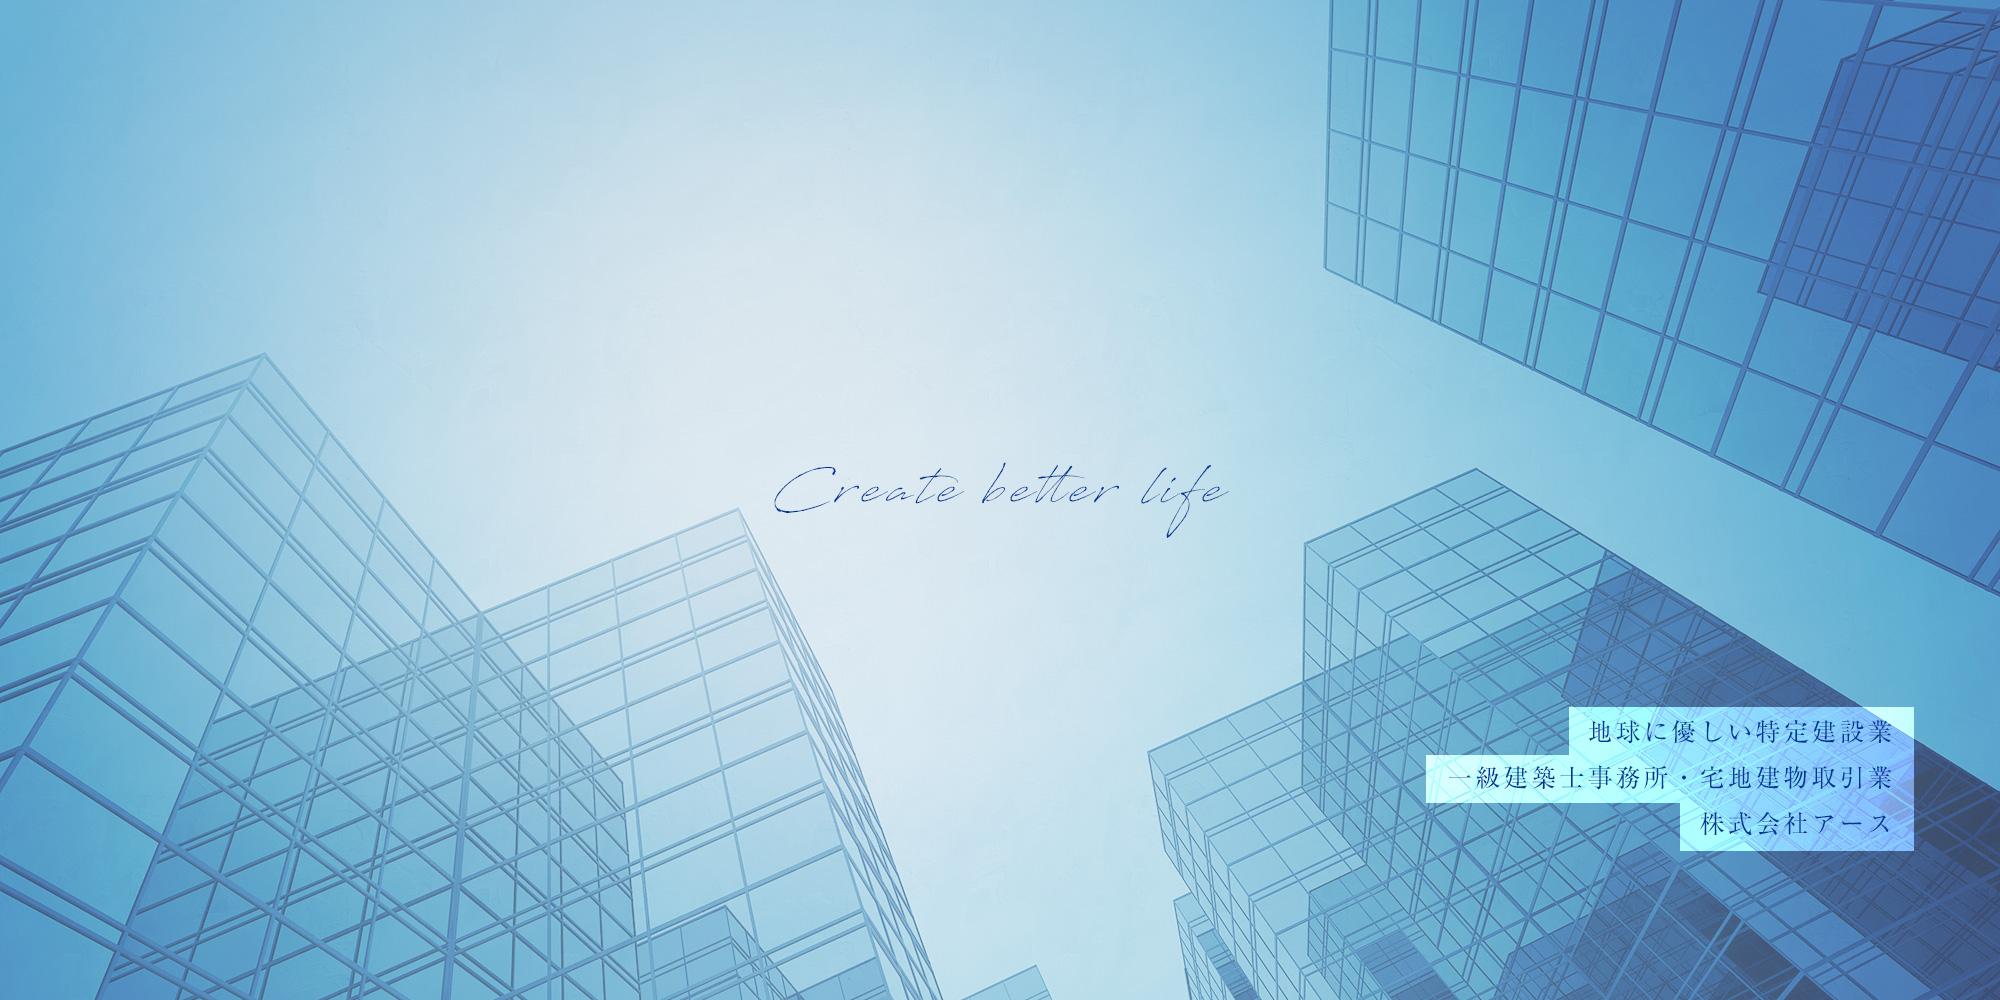 地球に優しい特定建設業 一級建築士事務所・宅地建物取引業 株式会社アース